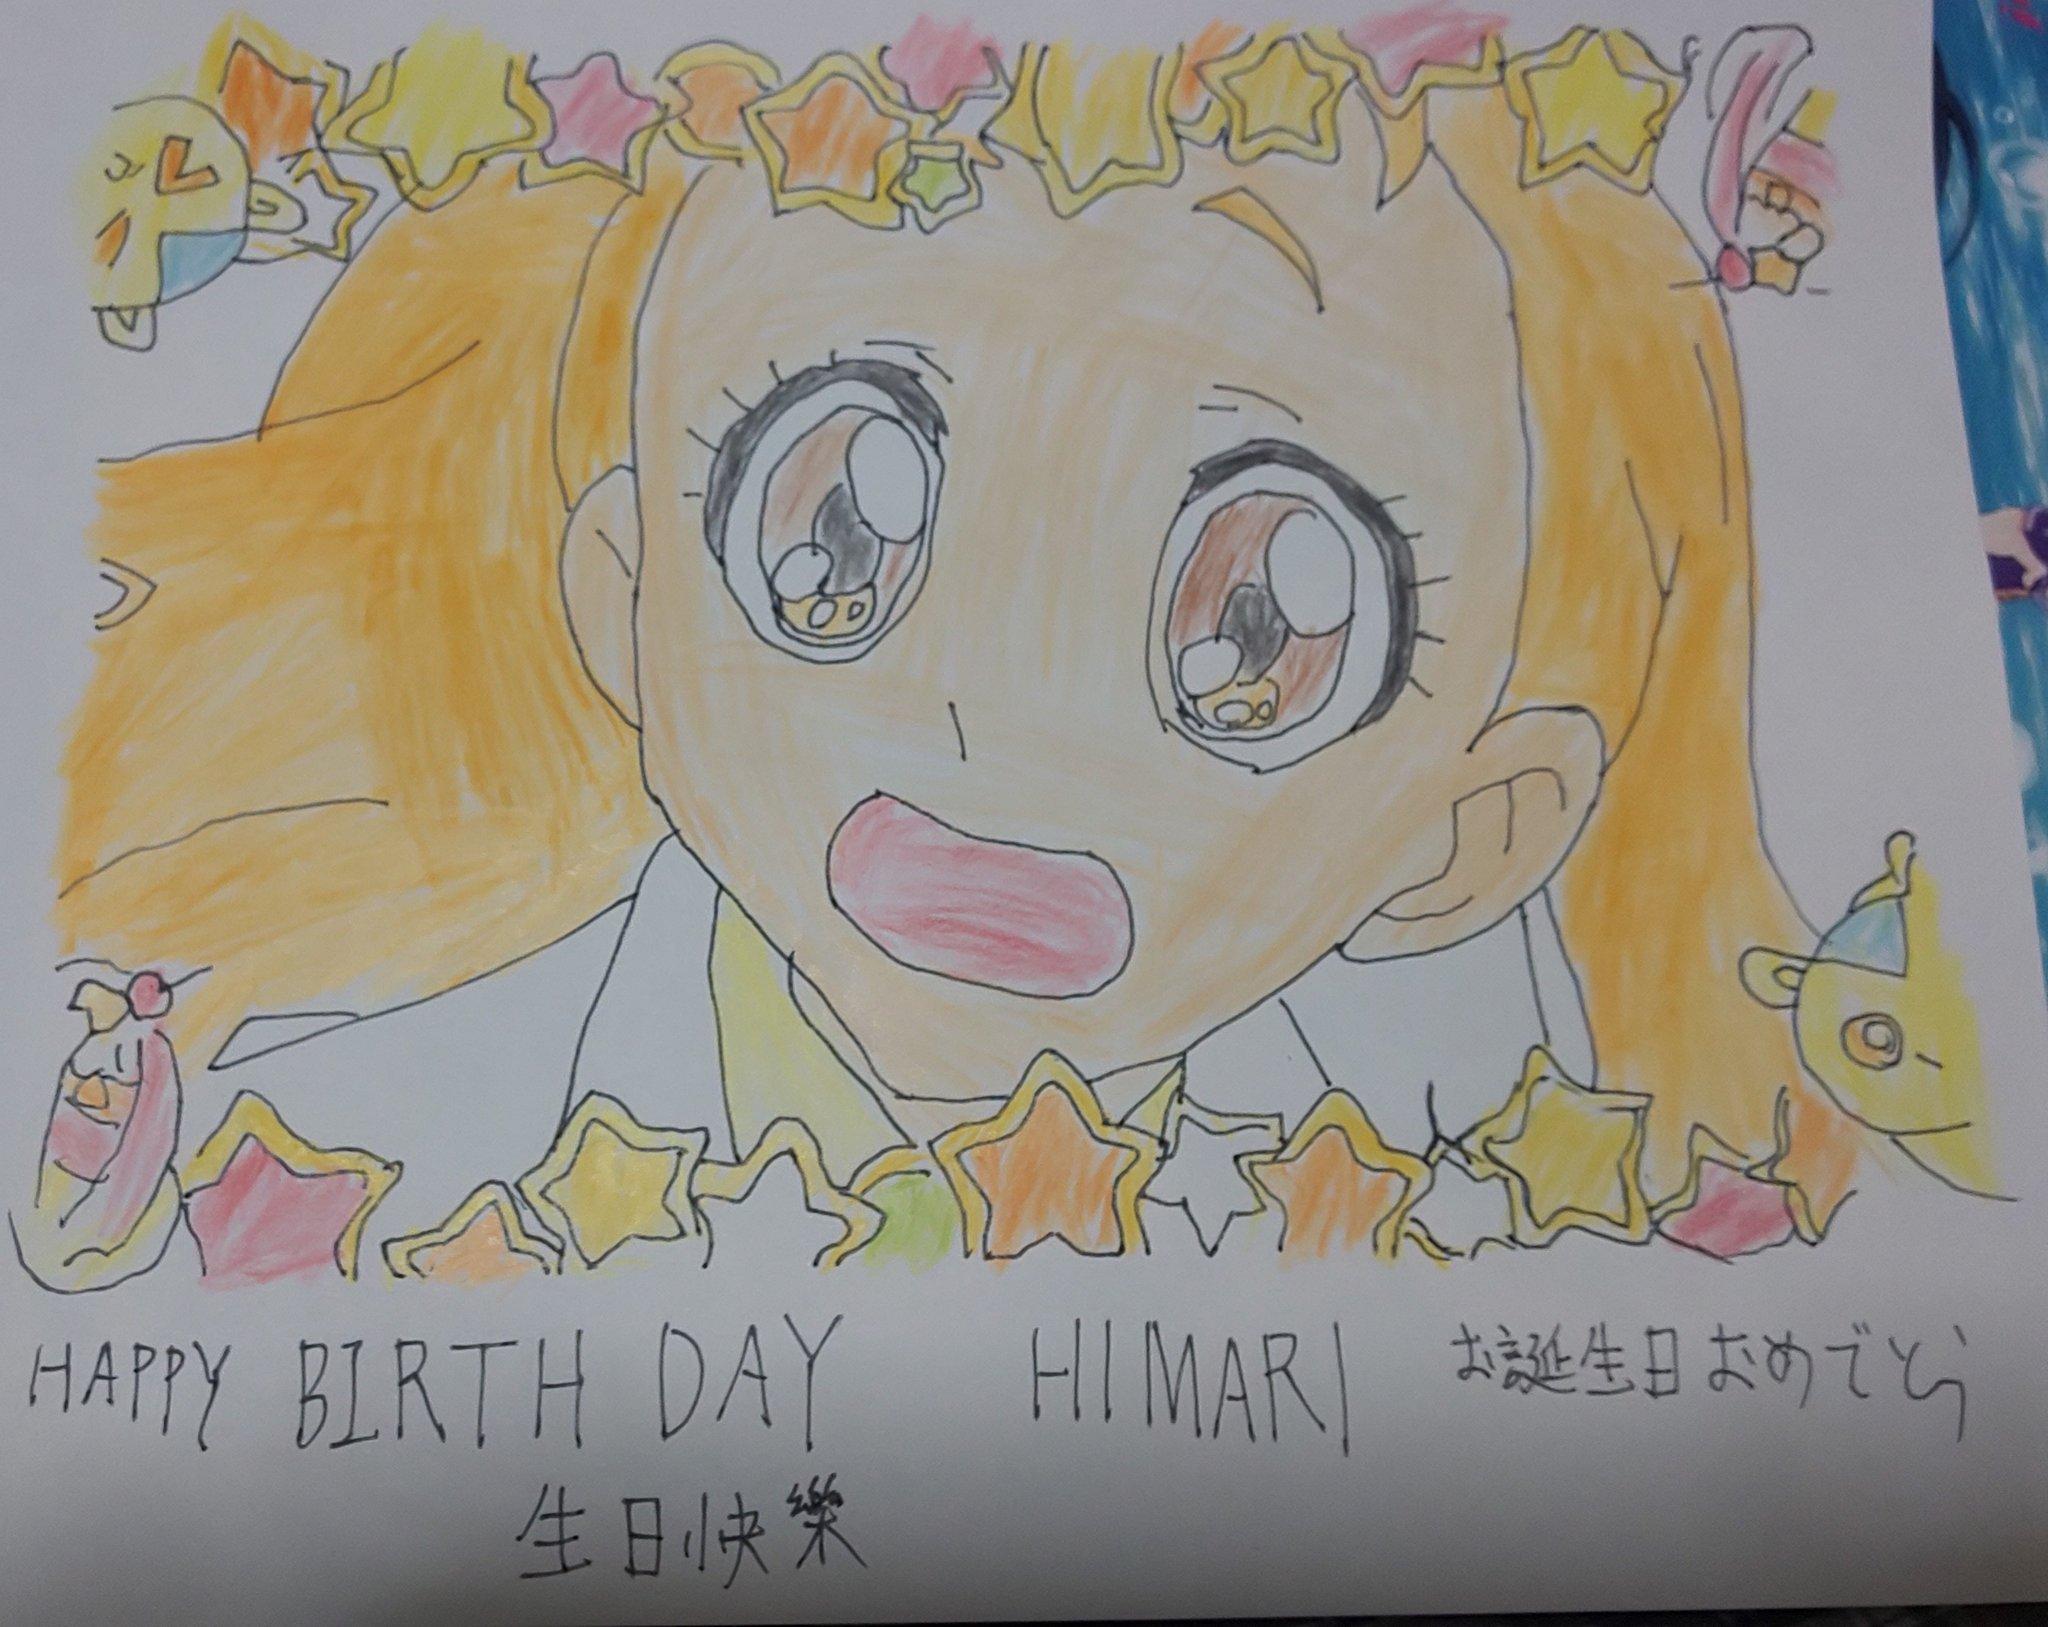 Ban@帰国 (@tokyo_tama)さんのイラスト